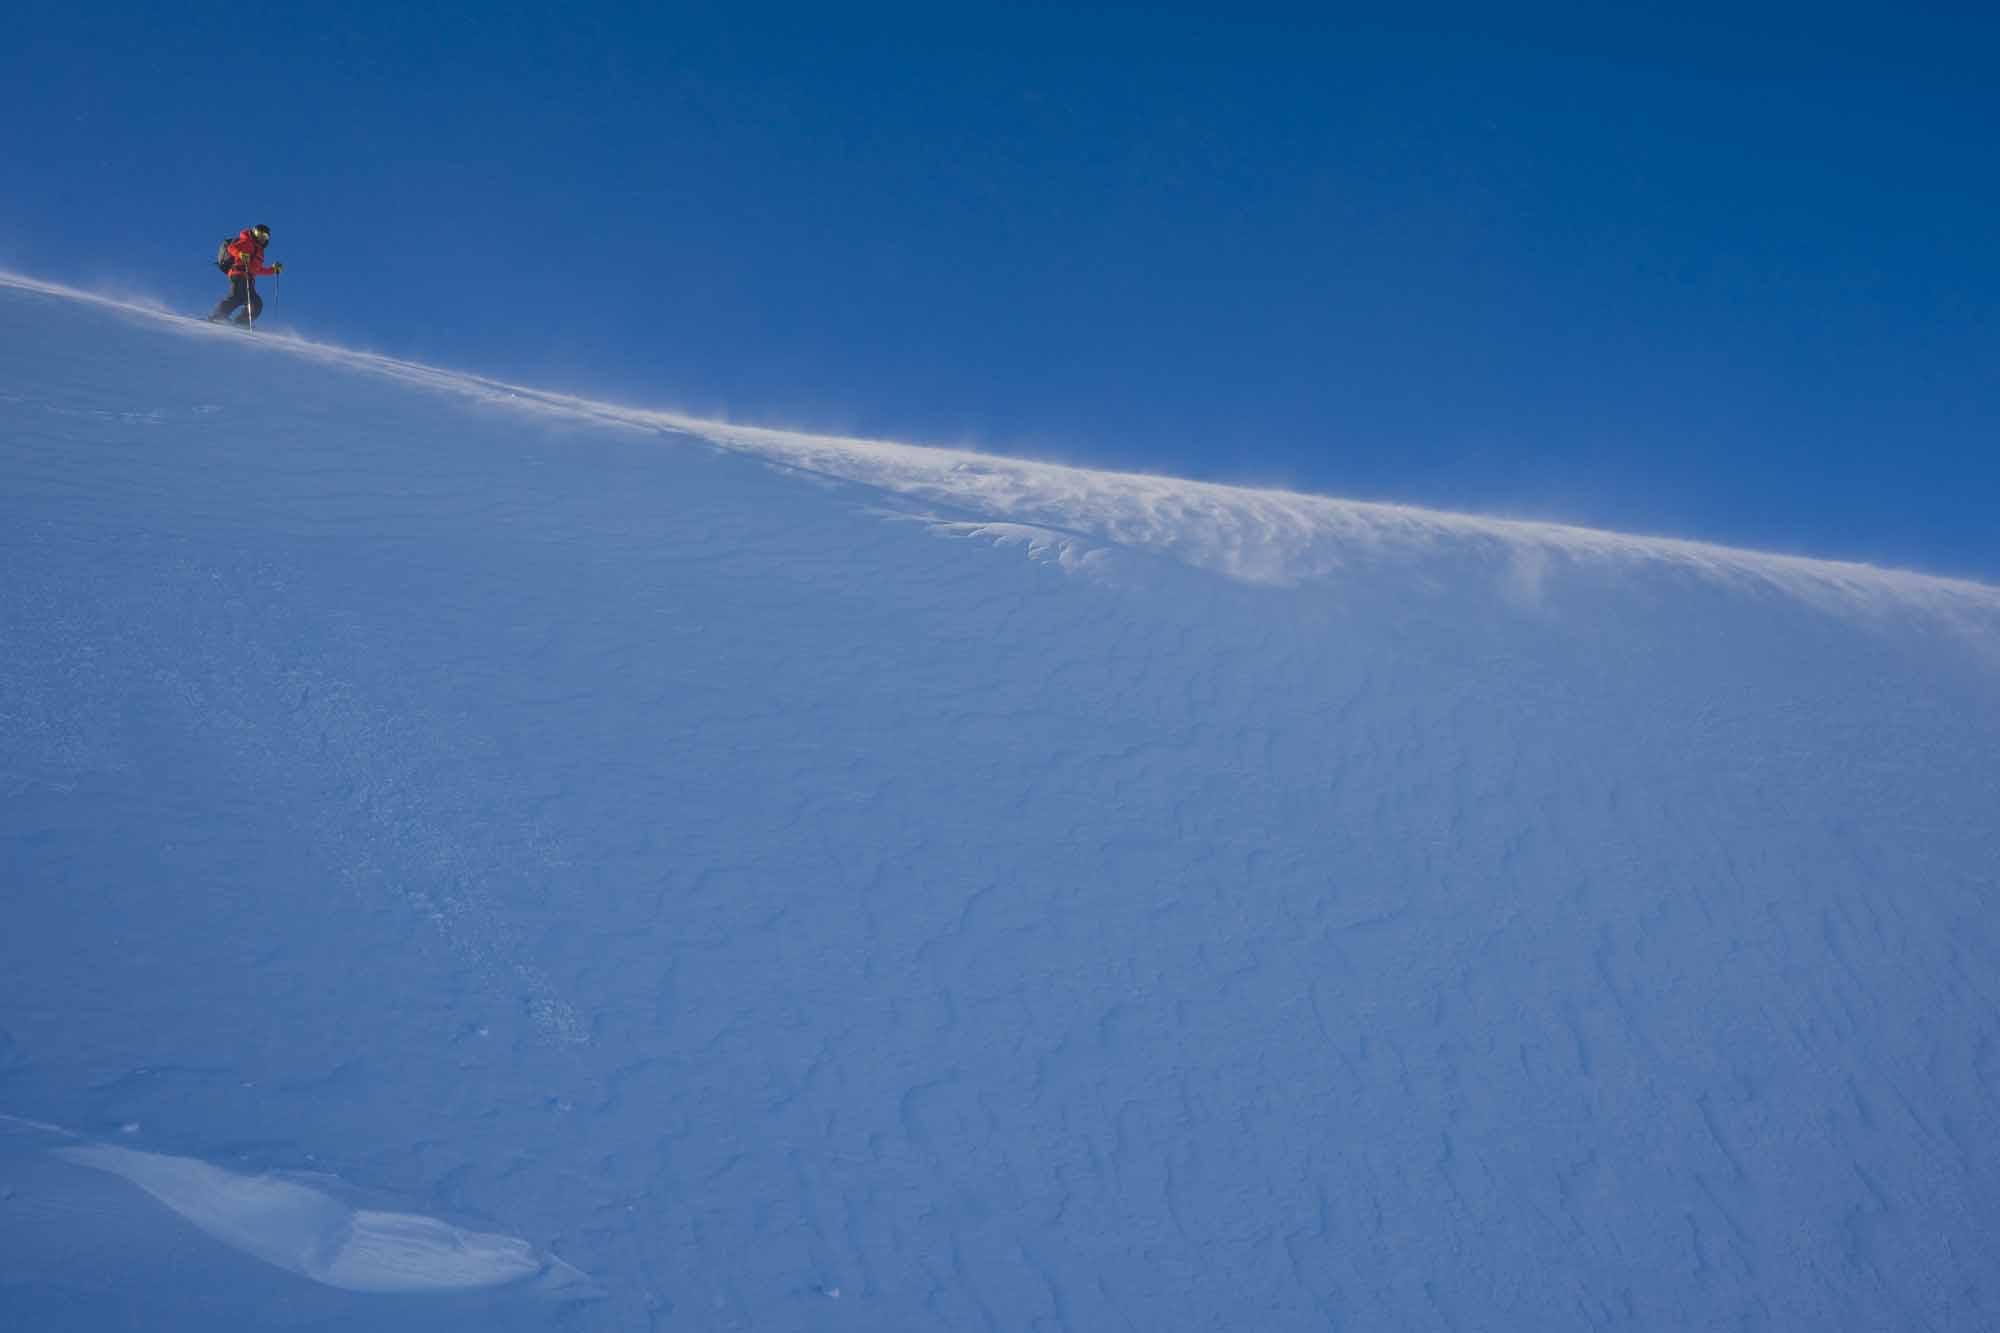 Entre-glace-et-bordees-Les-ceintures-de-neige-Snow-Belts-photo-by-Alain-Denis